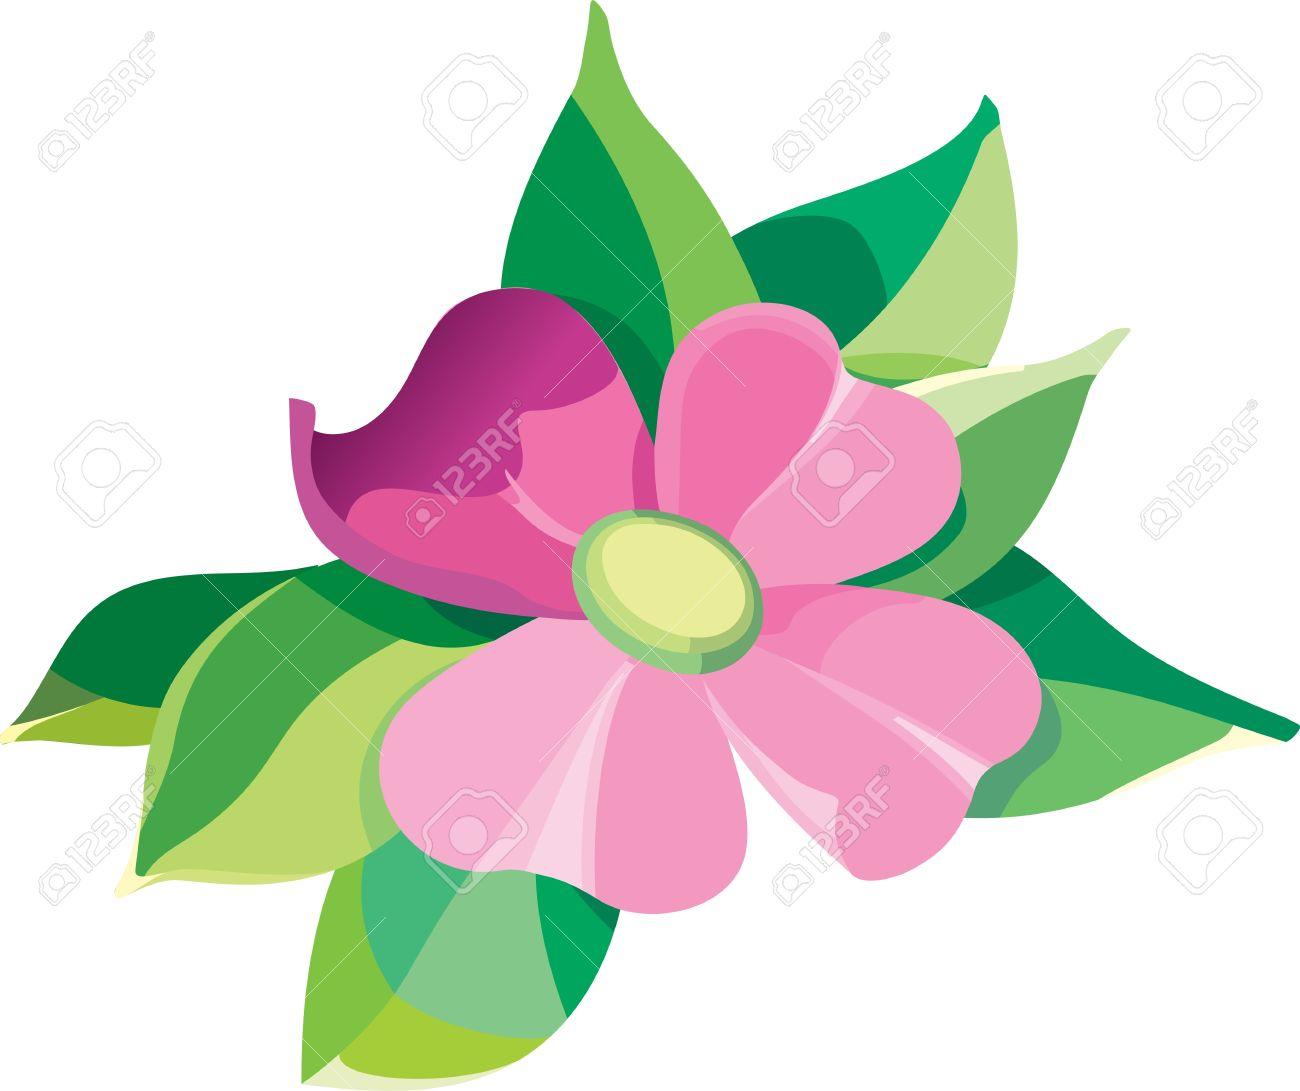 Petal clipart flower leaves Flower Clipart 66 art flower